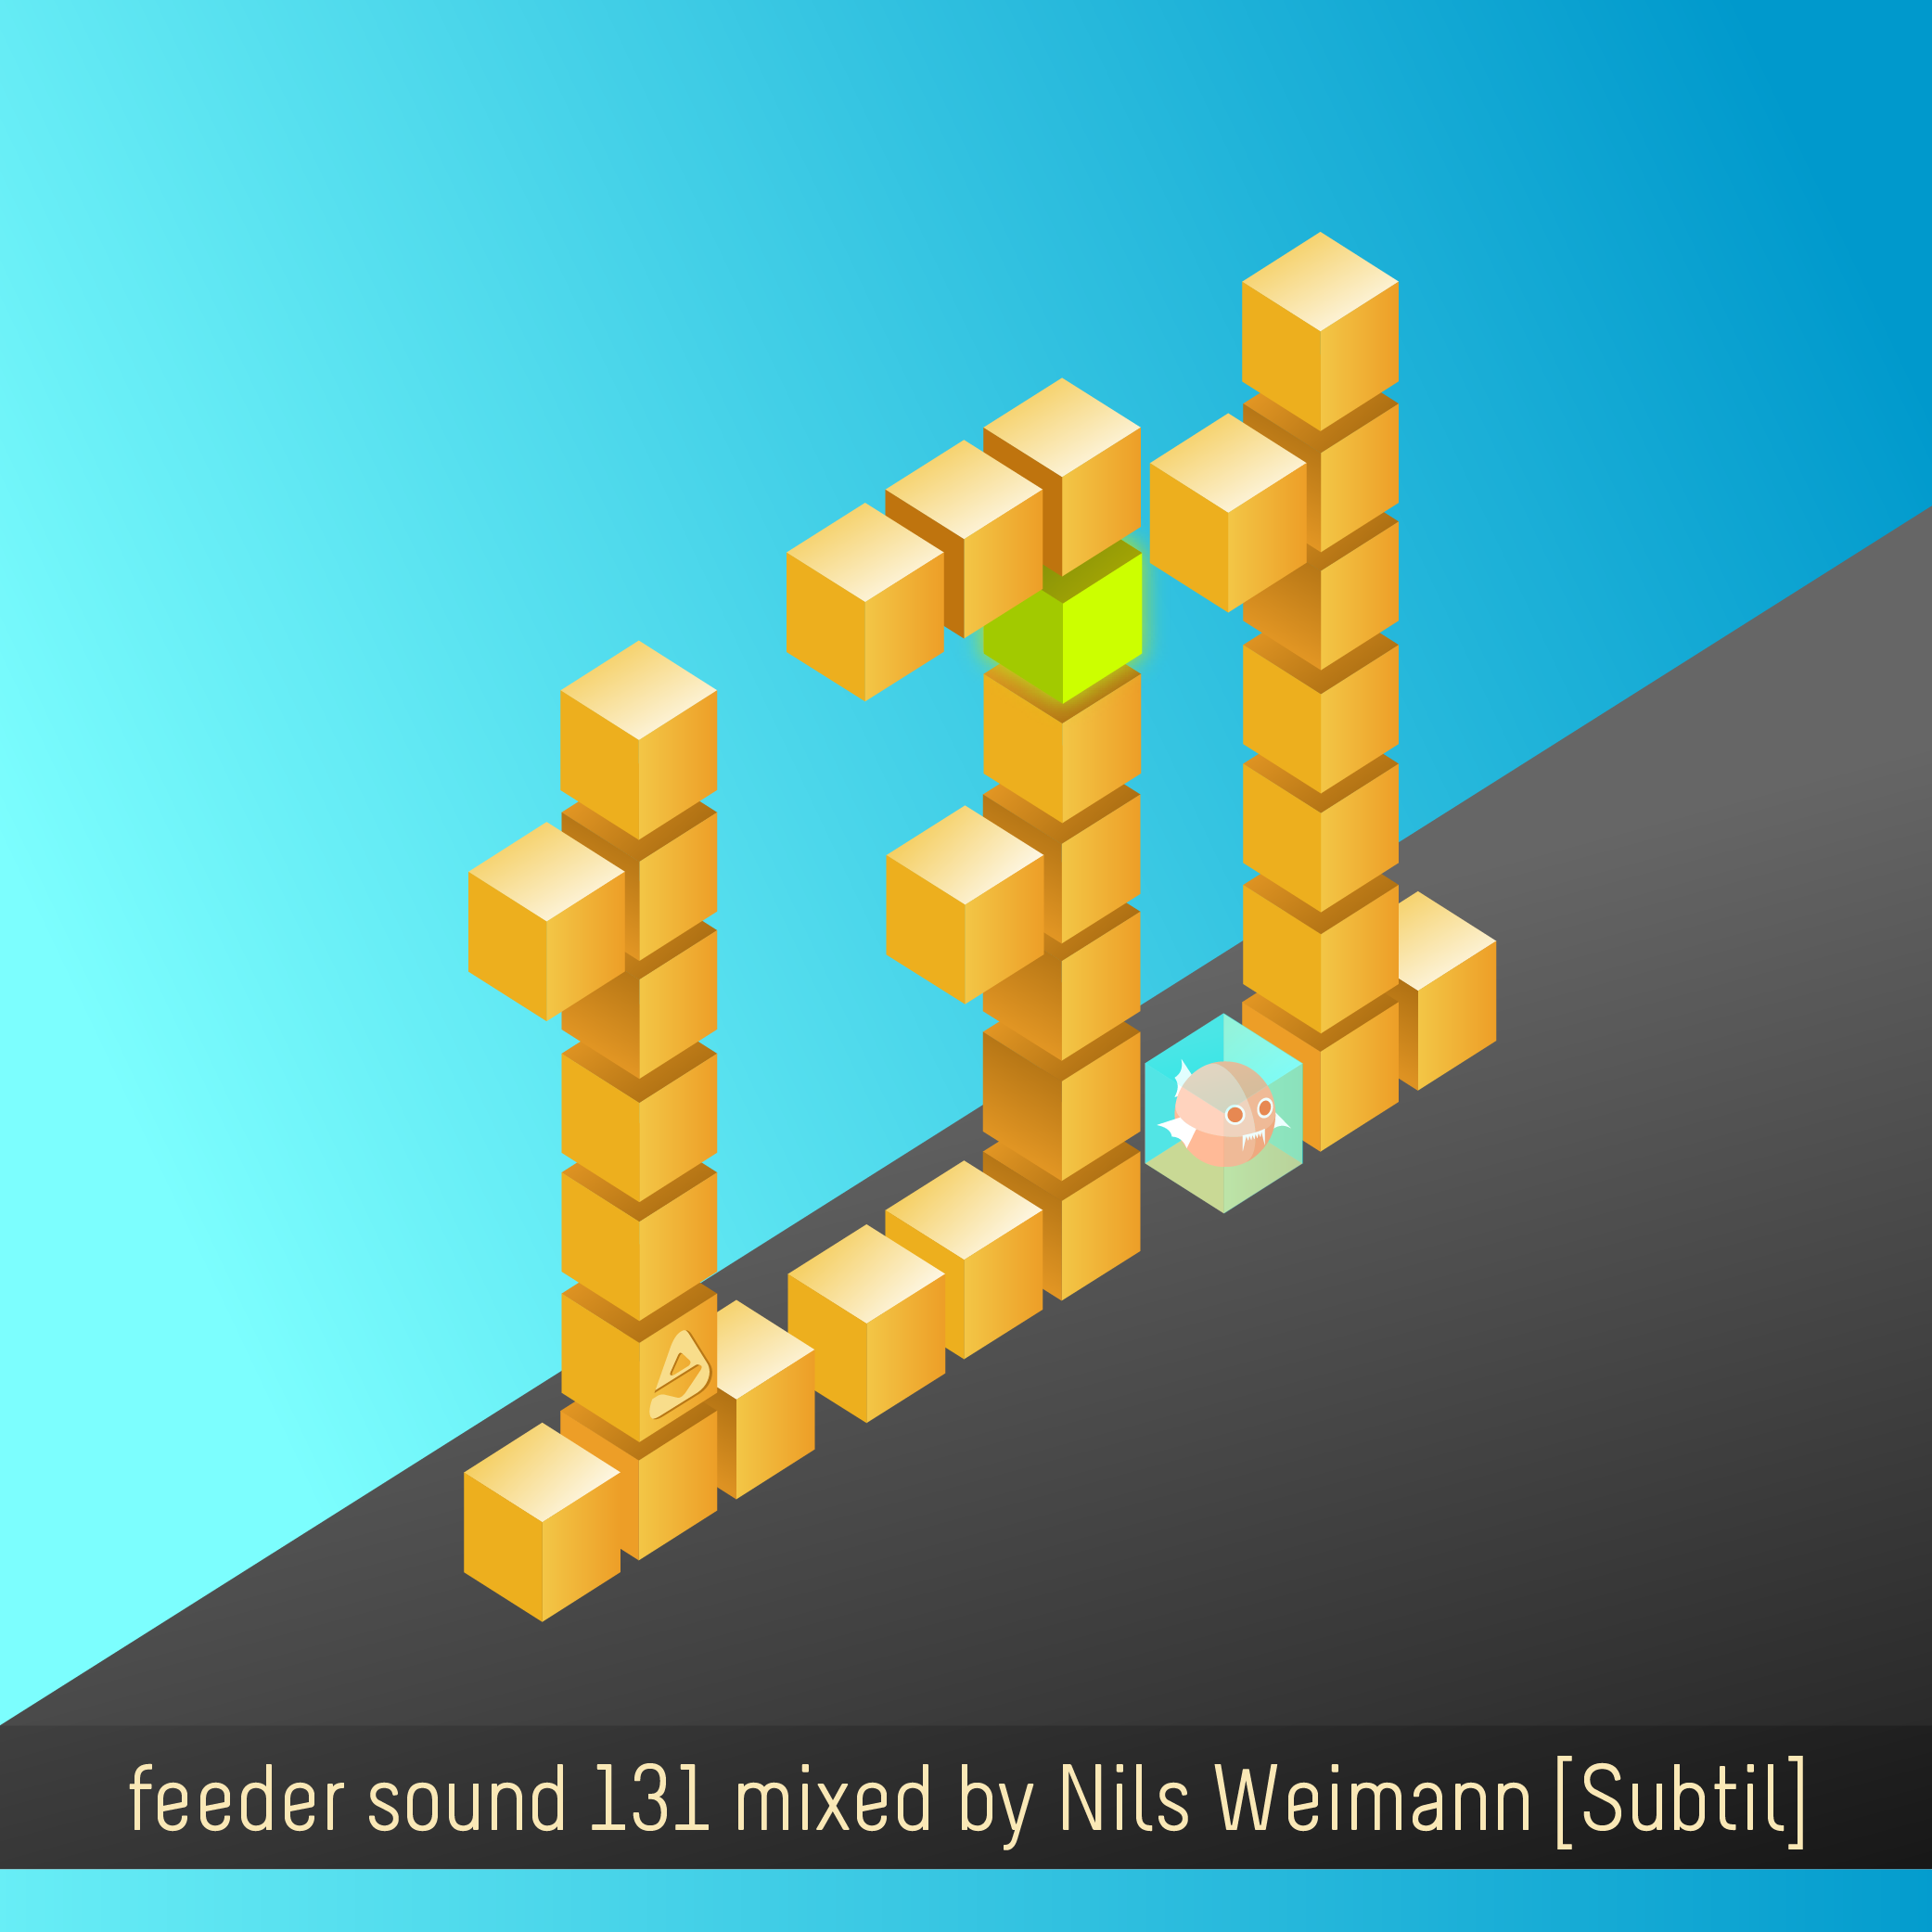 feeder sound 131 mixed by Nils Weimann